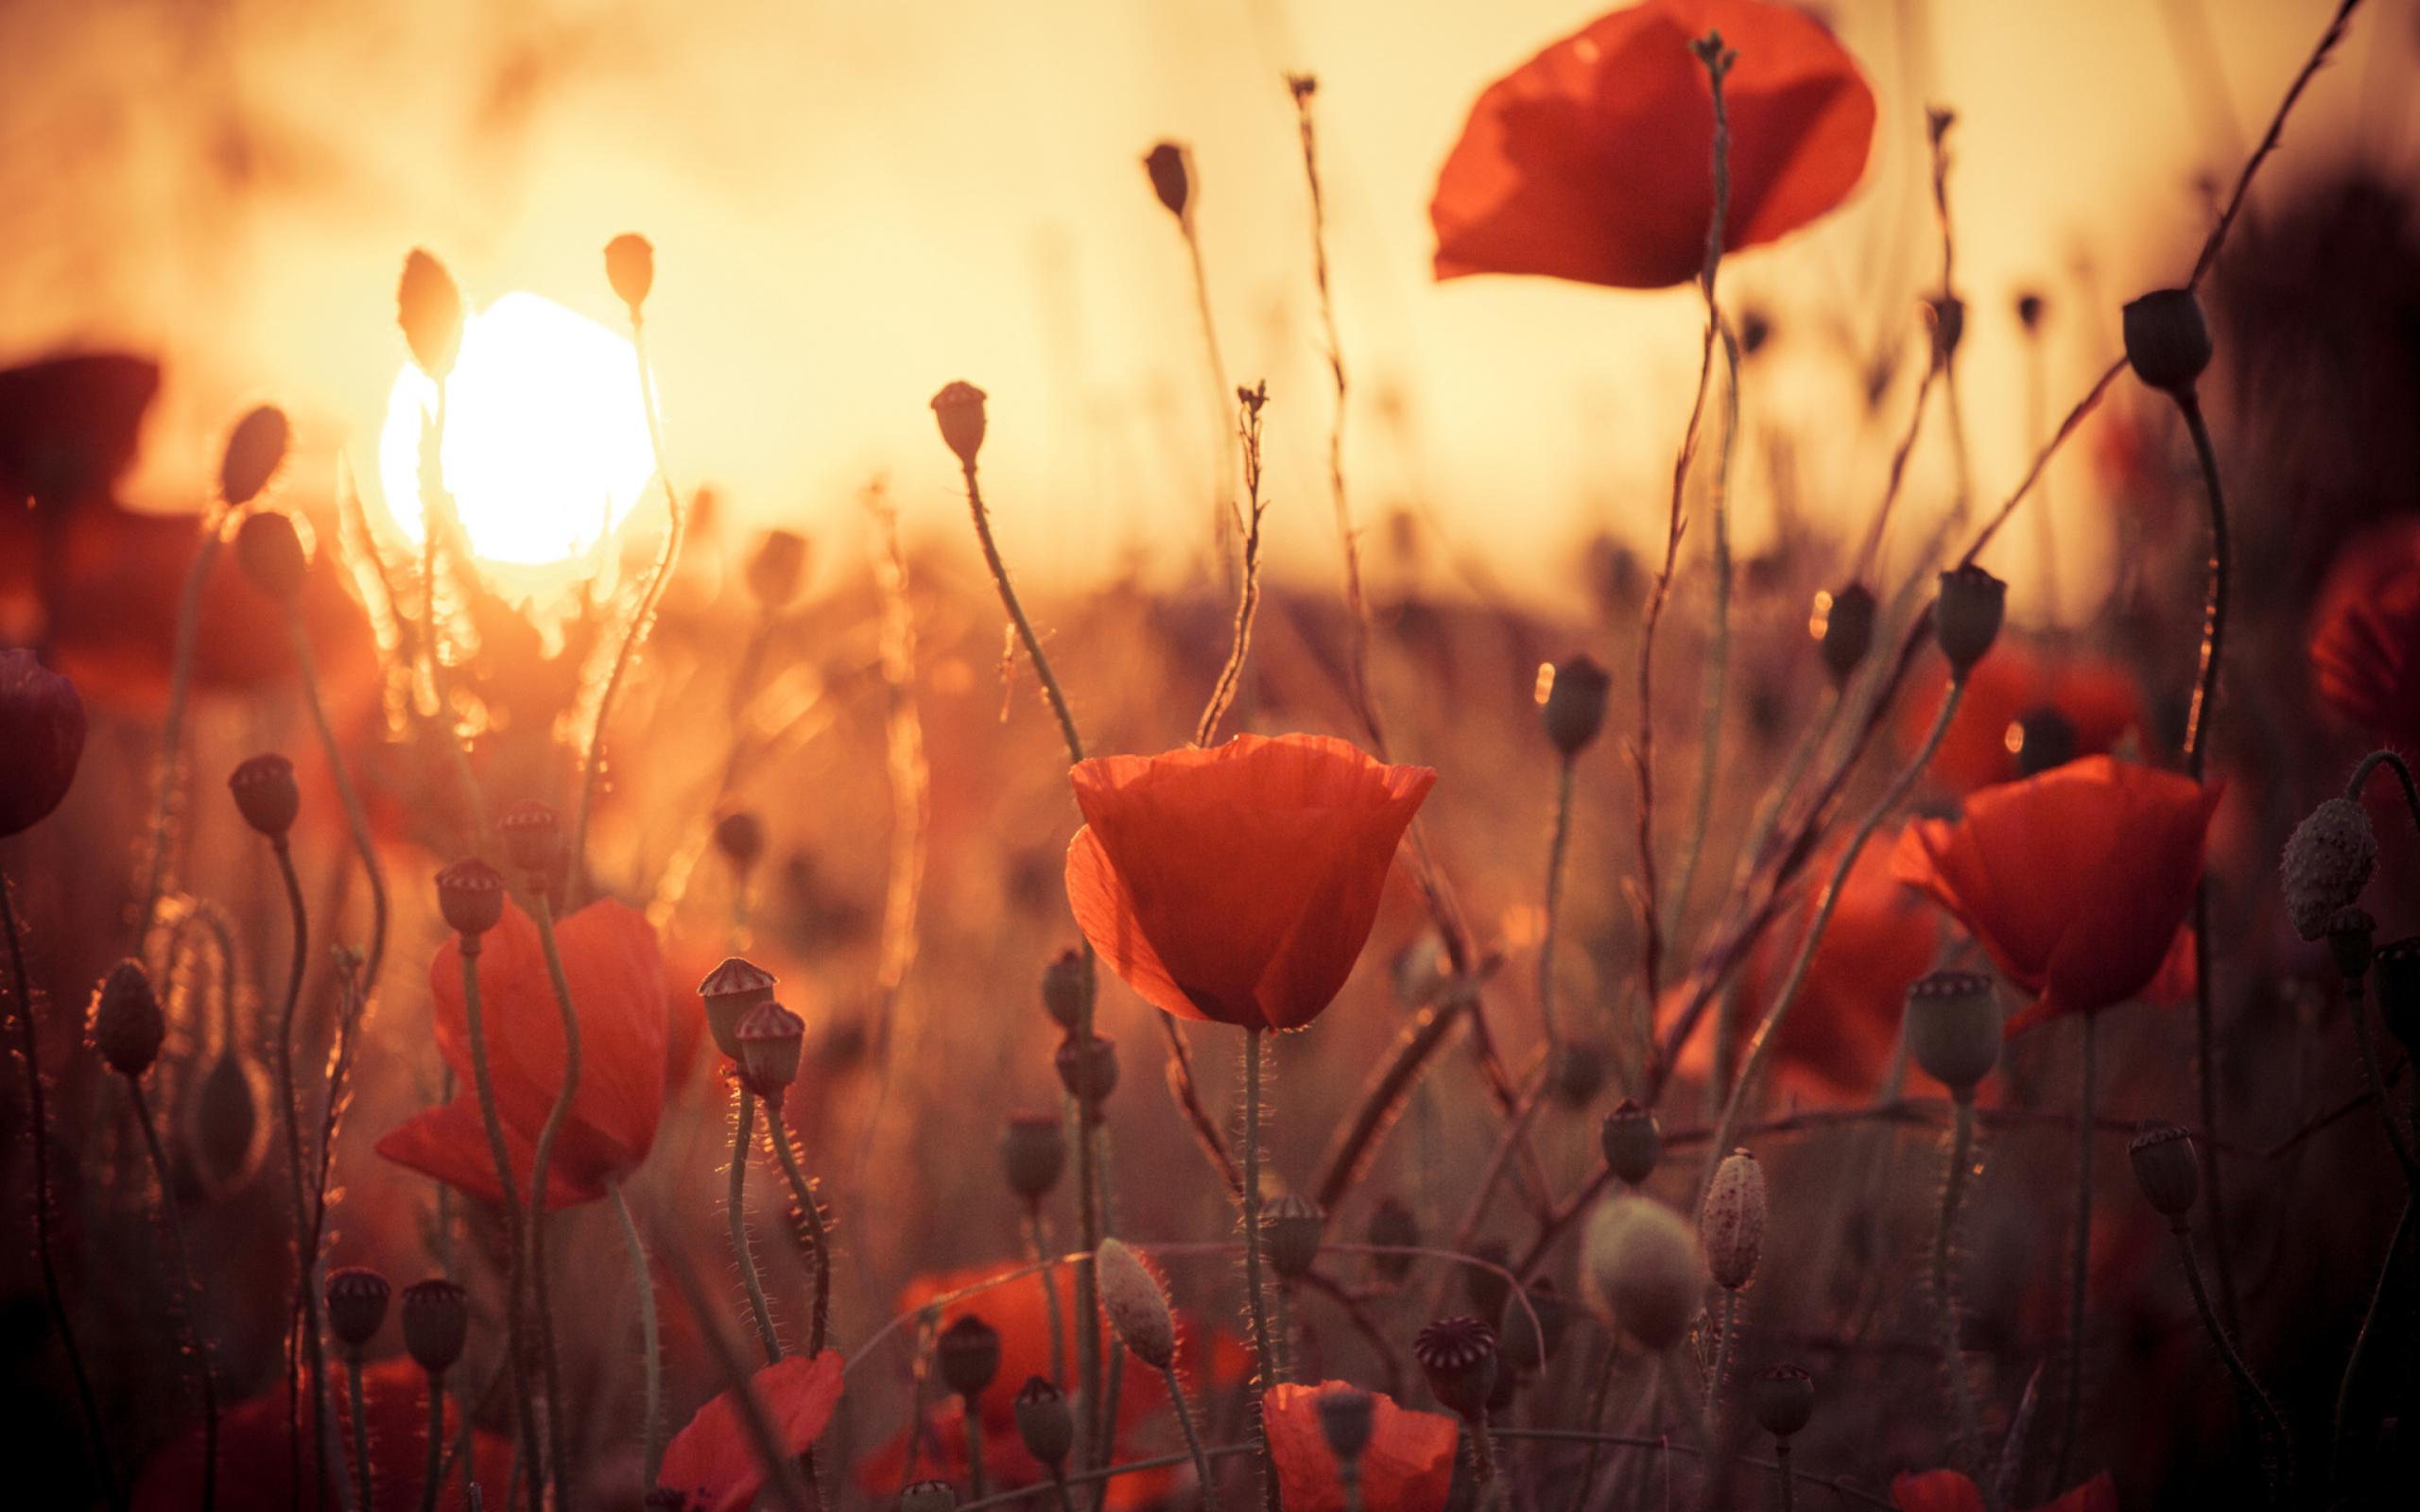 одинокий цветочек на закате загрузить